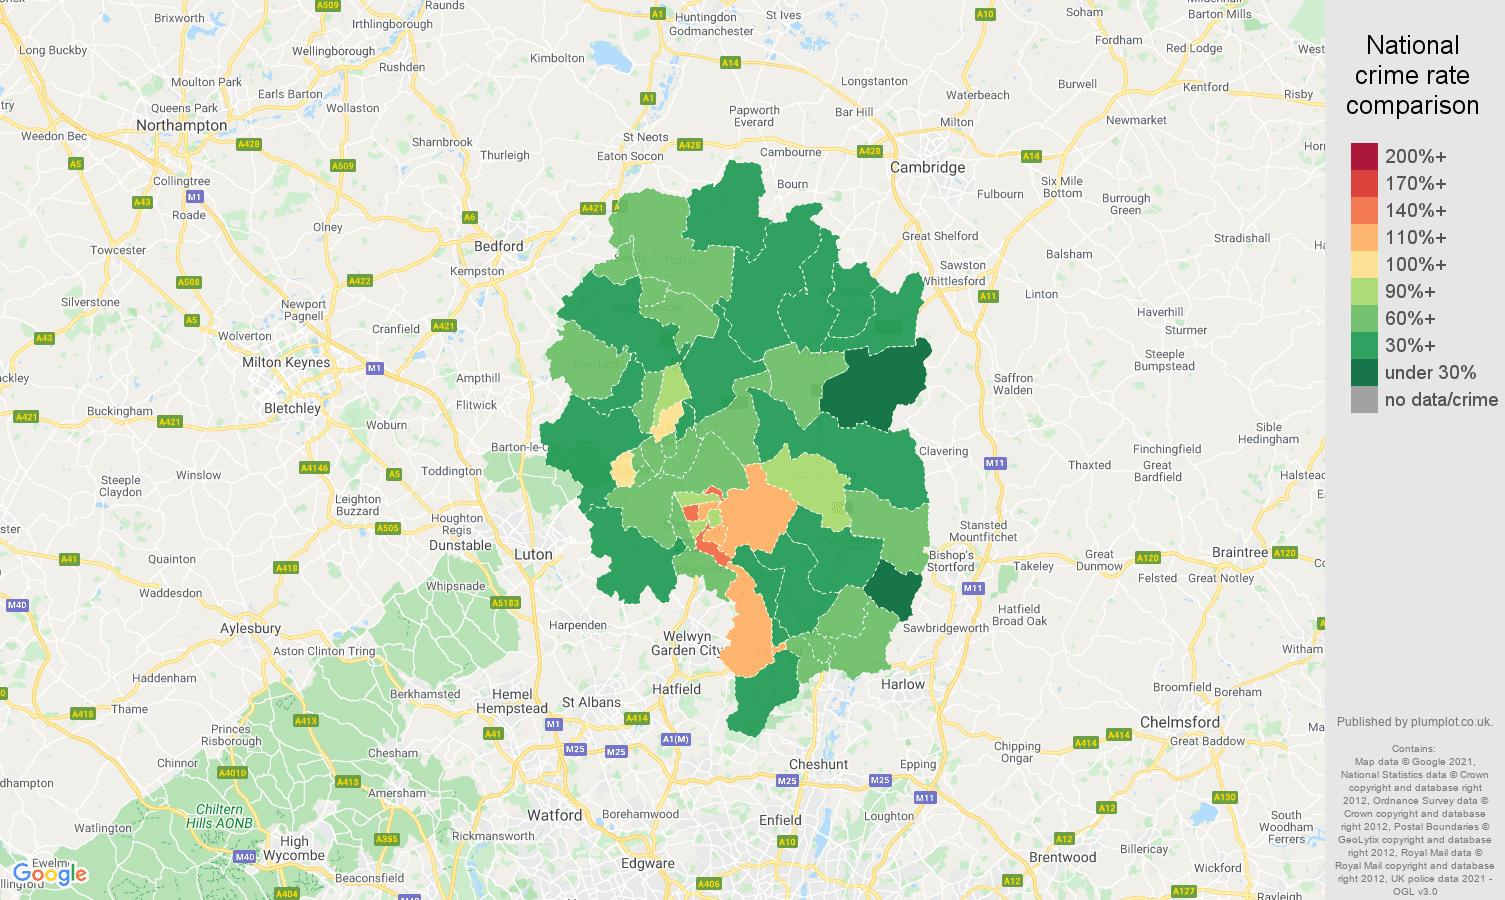 Stevenage antisocial behaviour crime rate comparison map